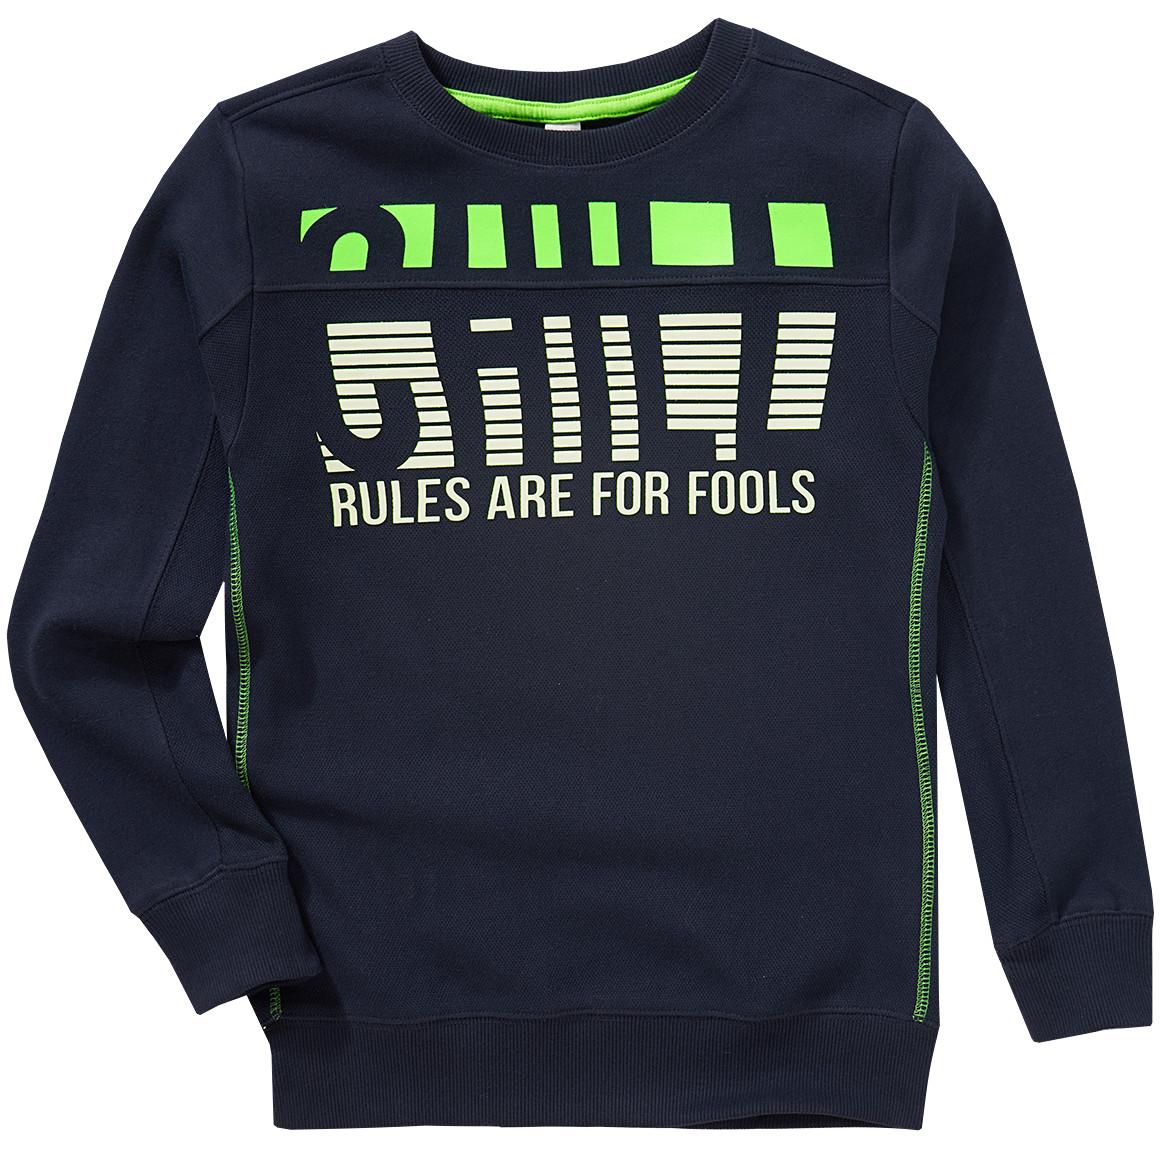 Boysoberteile - Jungen Sweatshirt mit gummiertem Print - Onlineshop Ernstings family